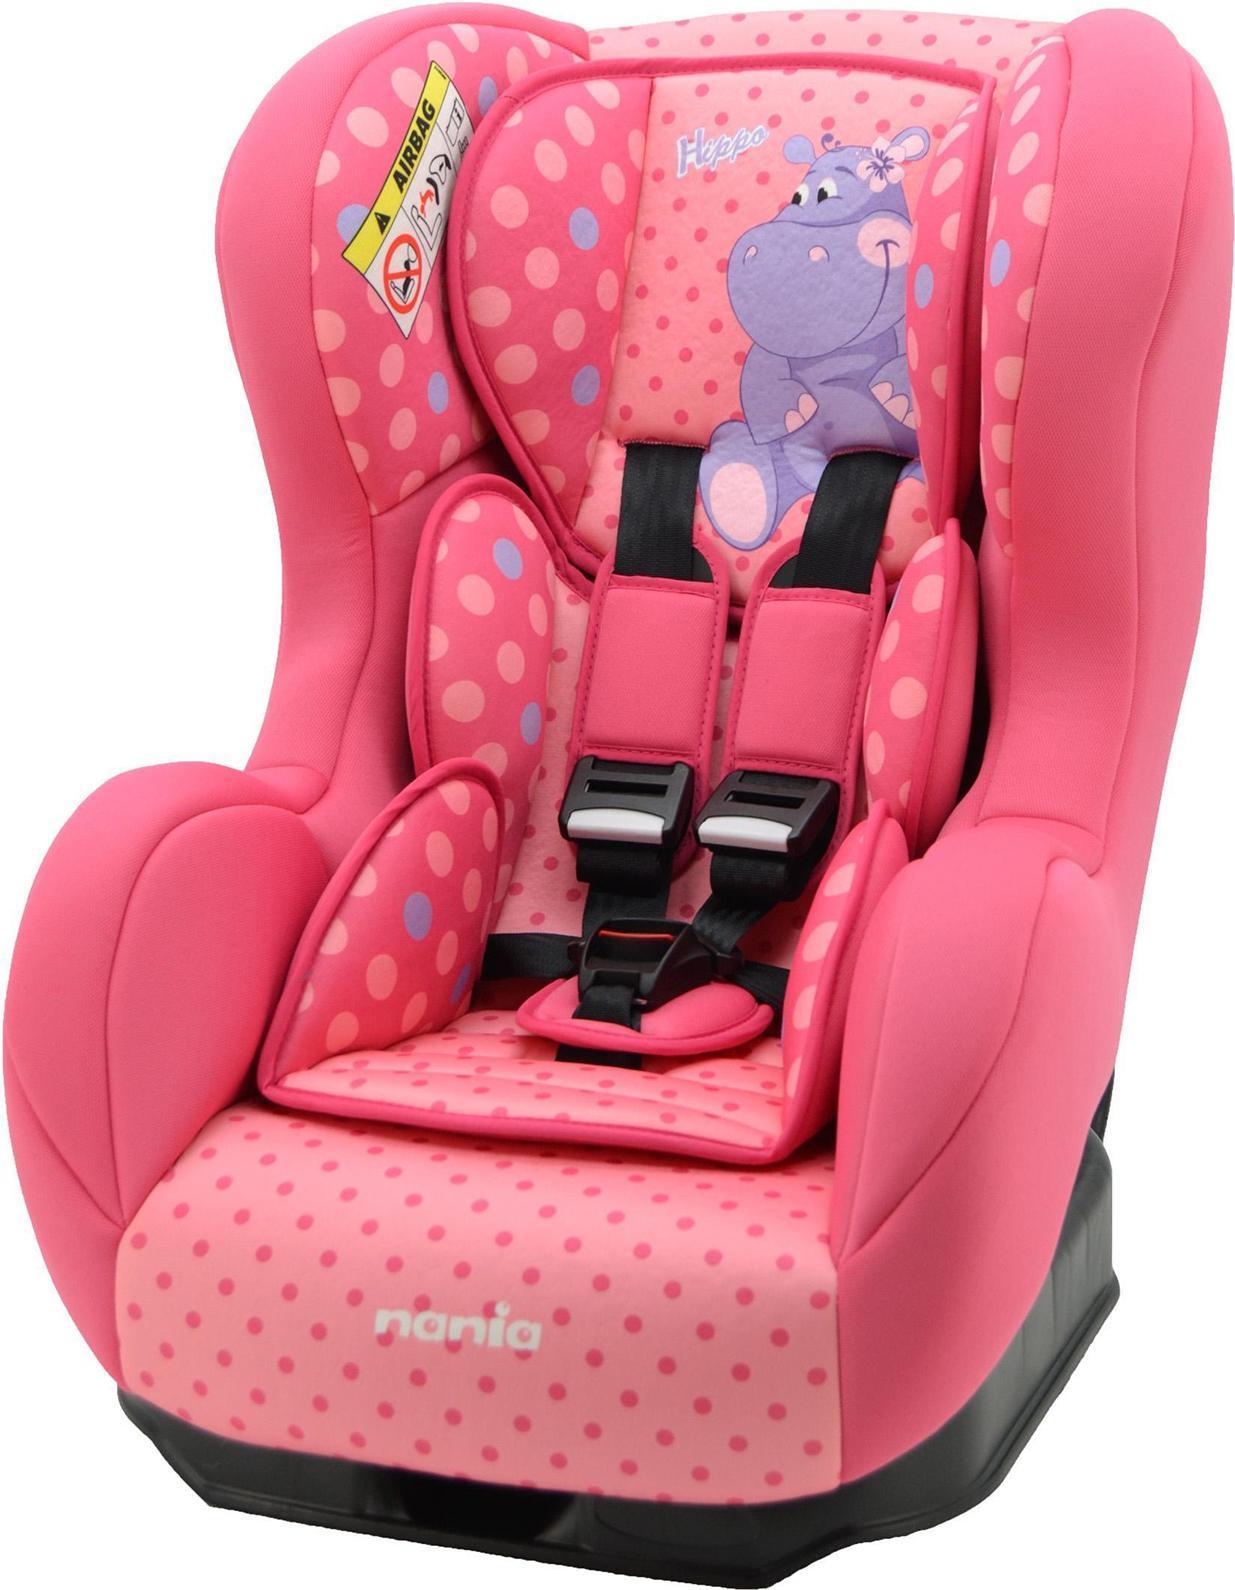 Автокресло Nania Cosmo SP – стильное и безопасное. Модель входит в группу 0-1 и предназначено для перевозки малышей от рождения до 4 лет (0-18 кг). Кресло размещается на заднем сидении автомобиля по ходу движения. Корпус автокресла создан с учетом требований по эргономике и имеет приятную на ощупь обивку. Боковая поддержка и регулируемый по высоте подголовник надежно защищают ребенка от боковых ударов, не доставляя при этом дискомфорта. Спинка кресла регулируется по углу наклона. Пользуясь автокреслом Nania Cosmo SP, вы будете приятно удивлены его комфортабельностью и легкостью в использовании. Автокресло Nania Cosmo SP обеспечит ребенку максимально безопасные и комфортные поездки на автомобиле.